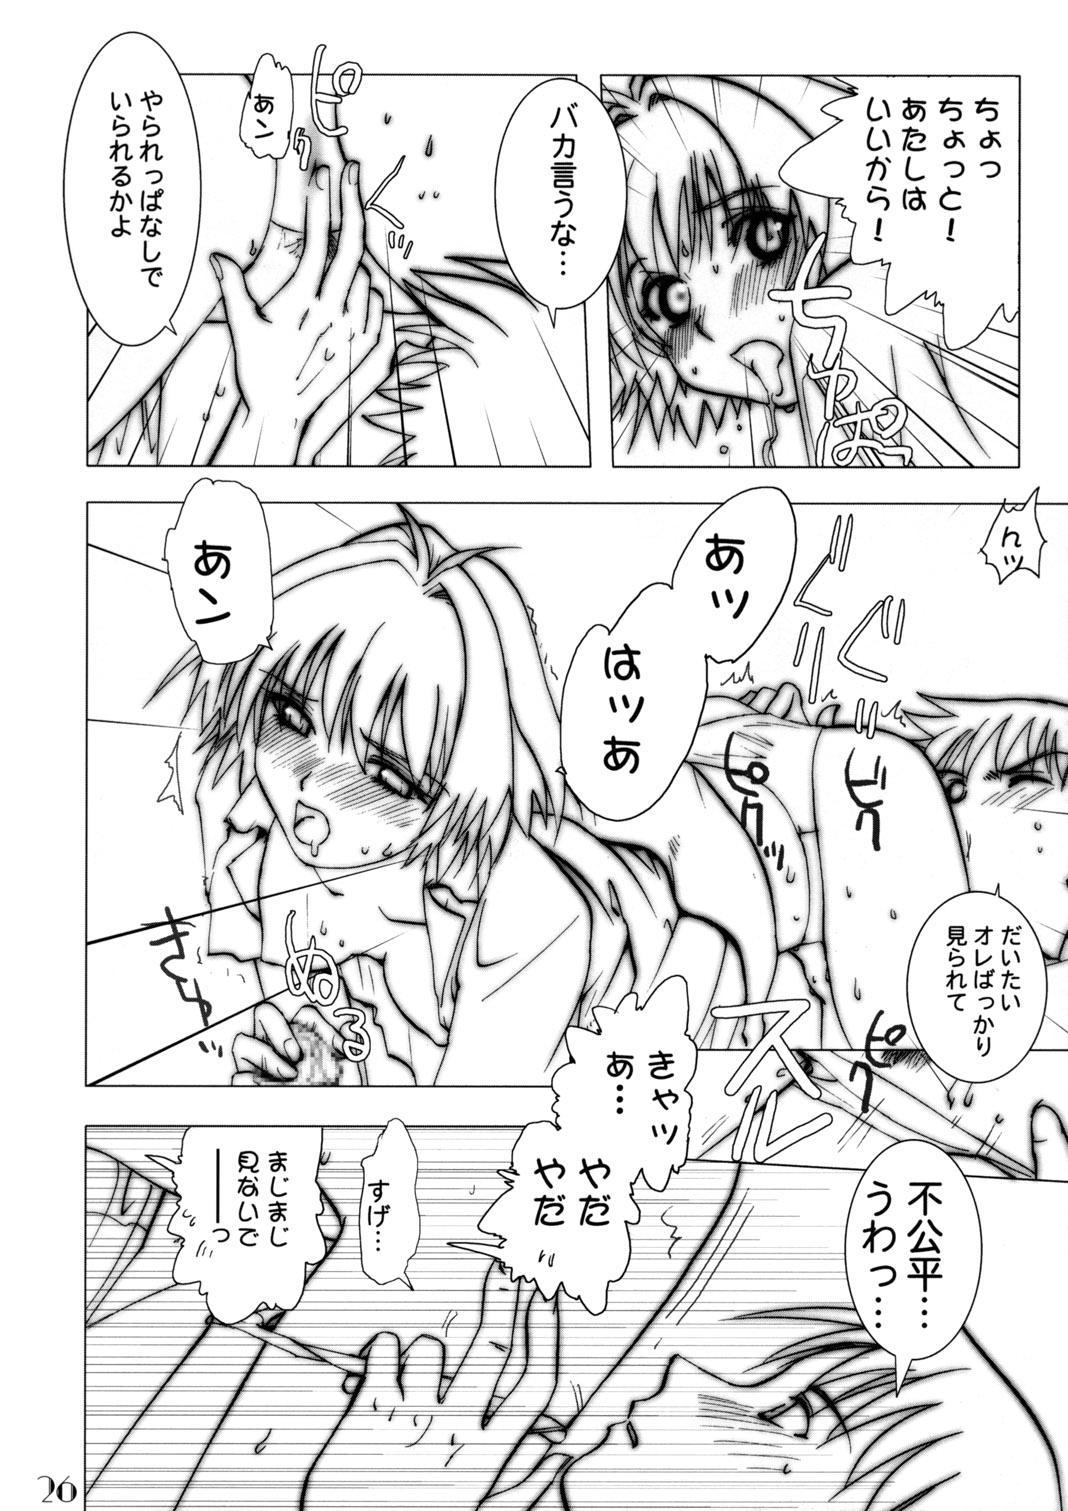 Slave Unit Vol.3 Hokka Hokka Musume 24